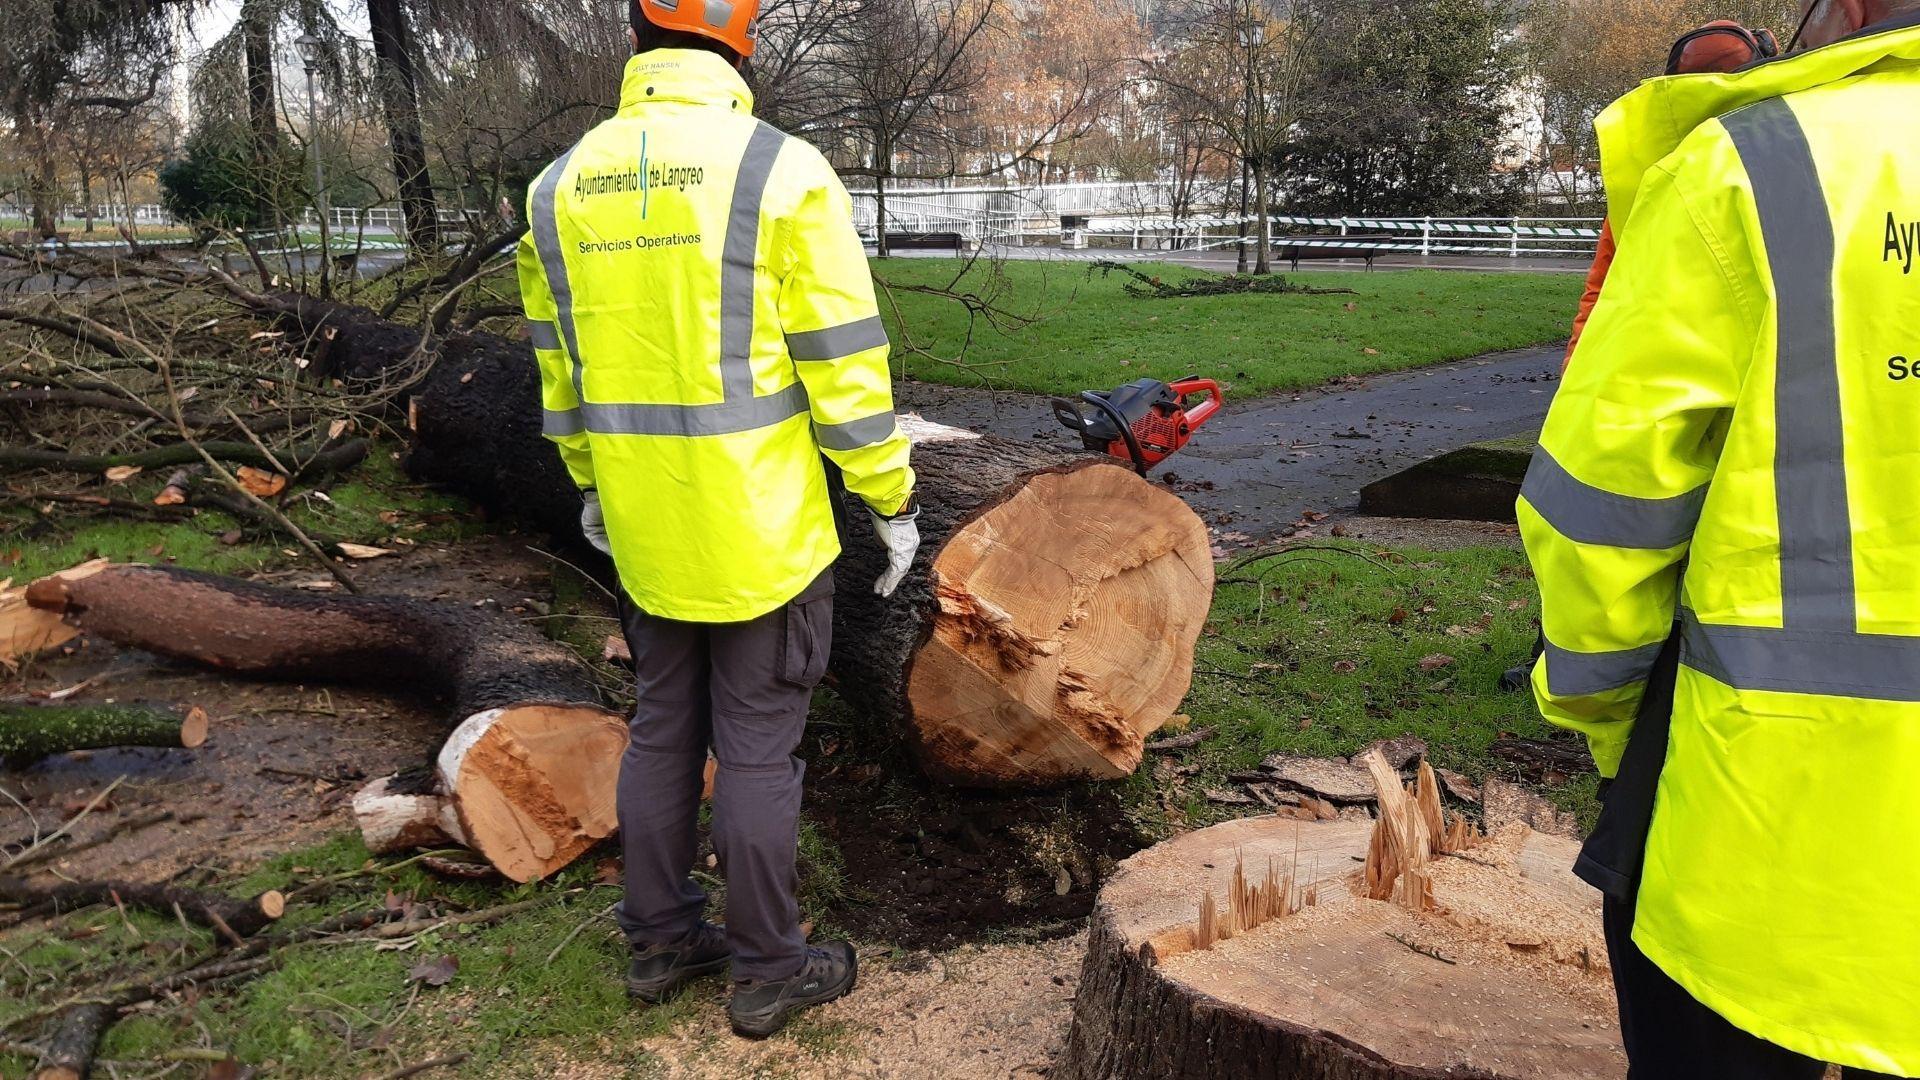 langreo empleo.Trabajadores municipales en la tala de un árbol en el parque Dorado de Sama, en 2019